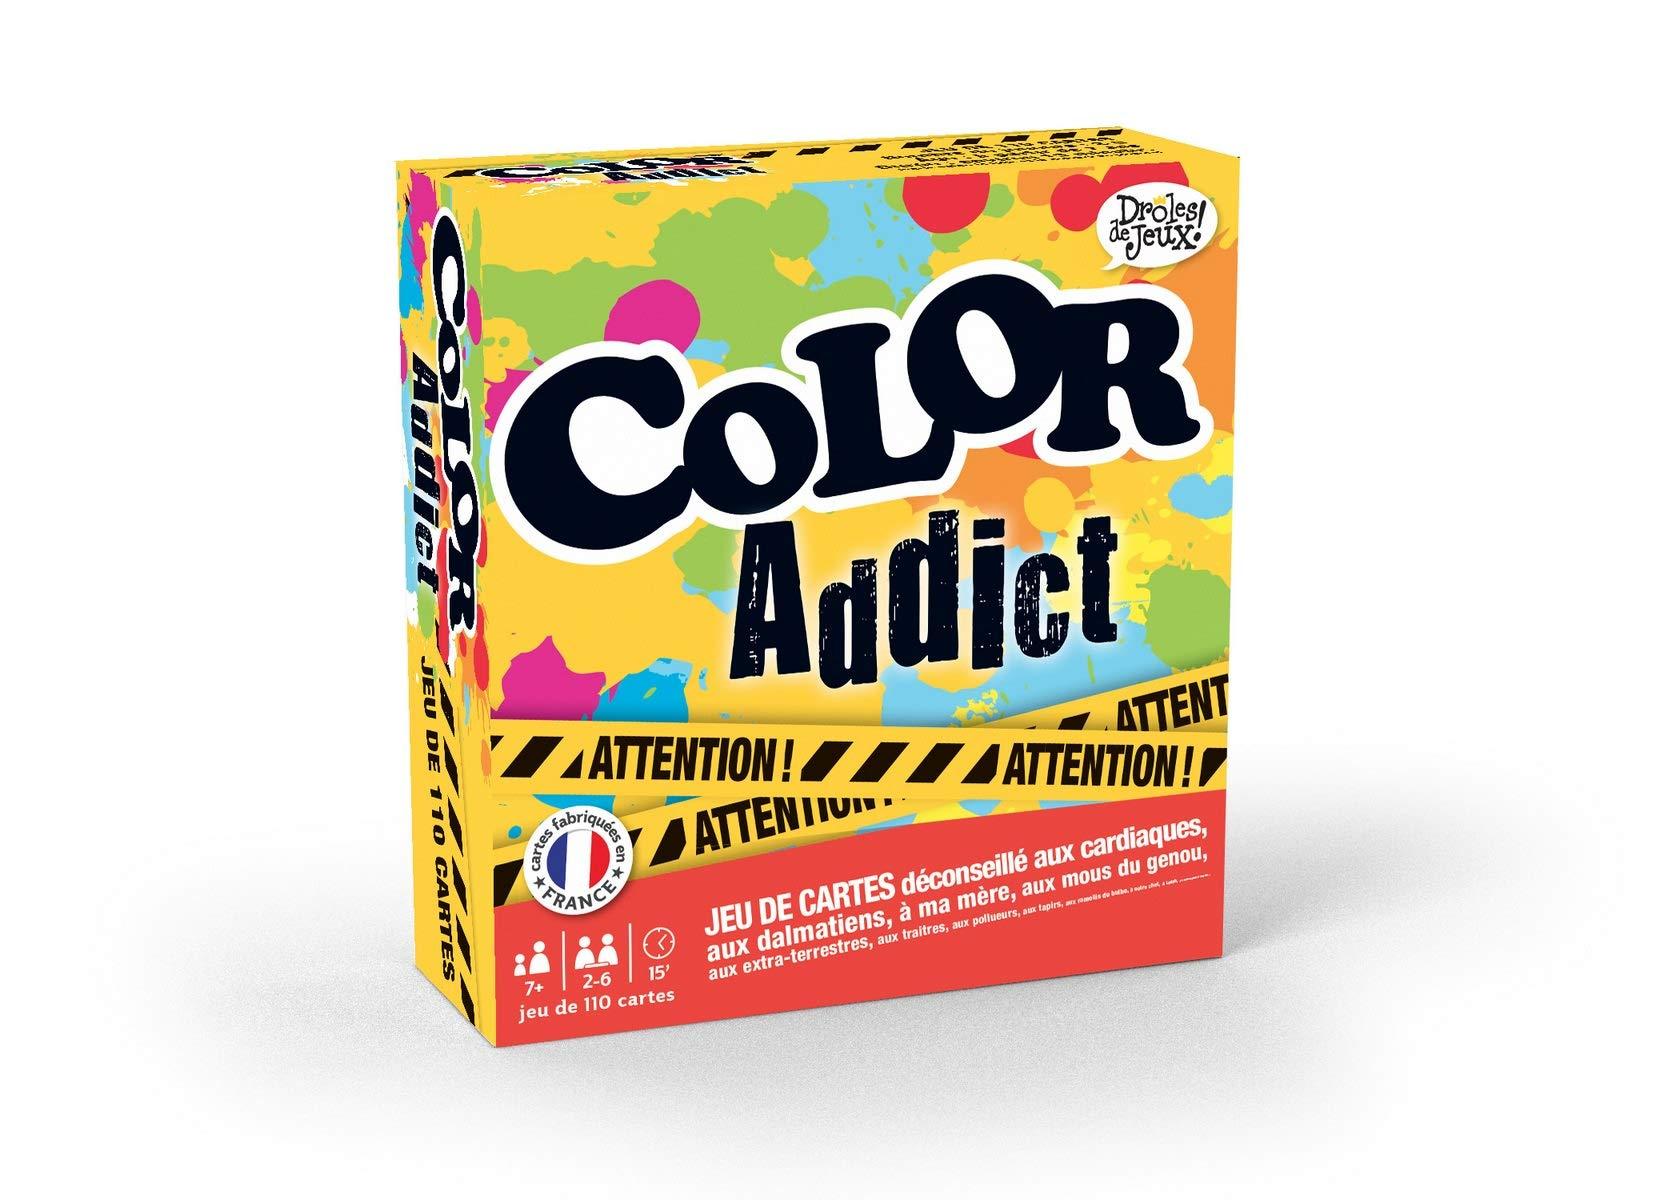 Drôles De Jeux - 410400 - Color Addict product image